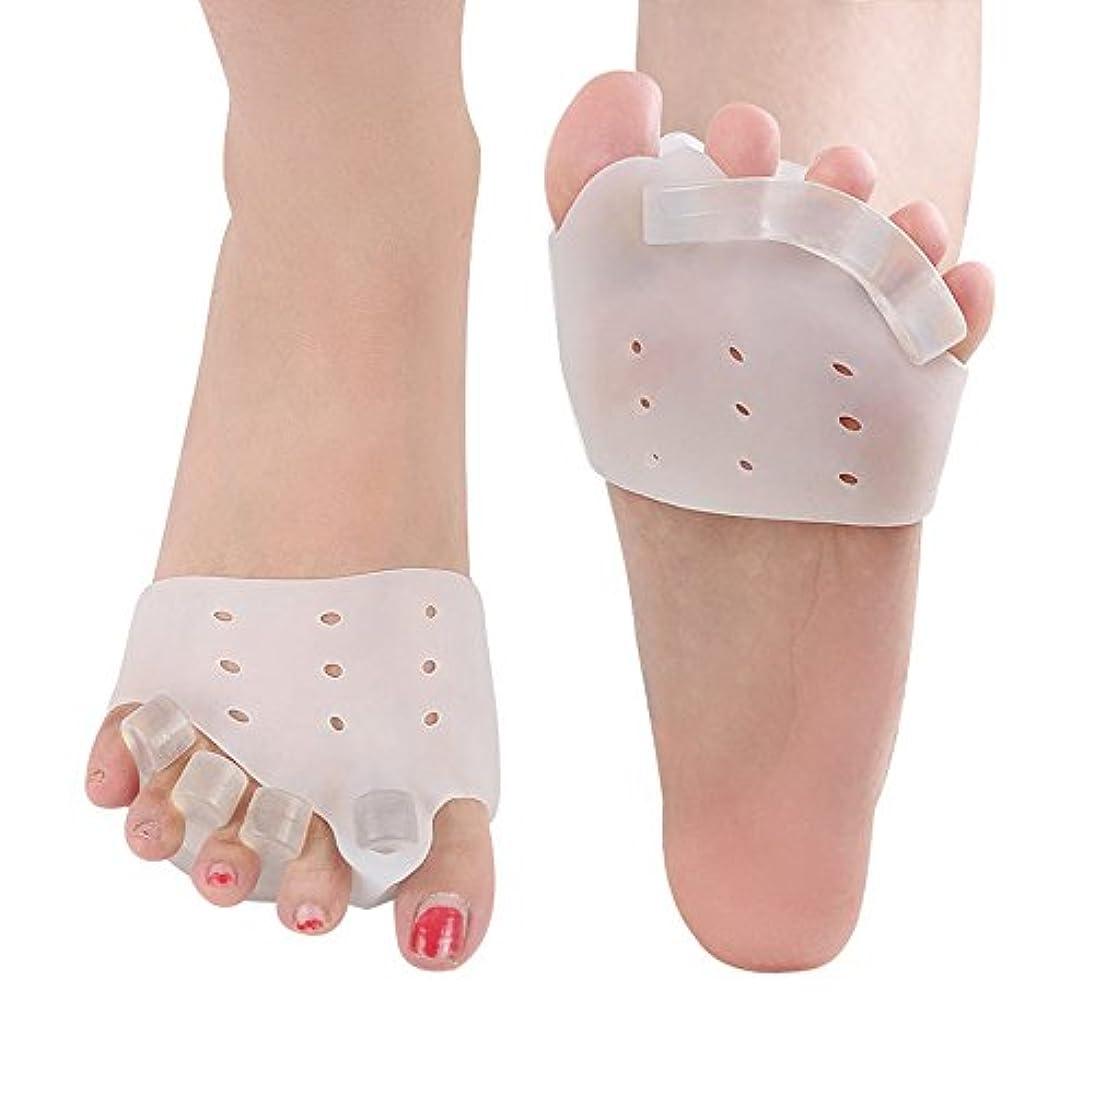 ブリークタイマーリファイン5ペア/セットバニオンプロテクターつま先矯正シリコーンつま先セパレータ親指足ケア足の痛み外反母趾ツール